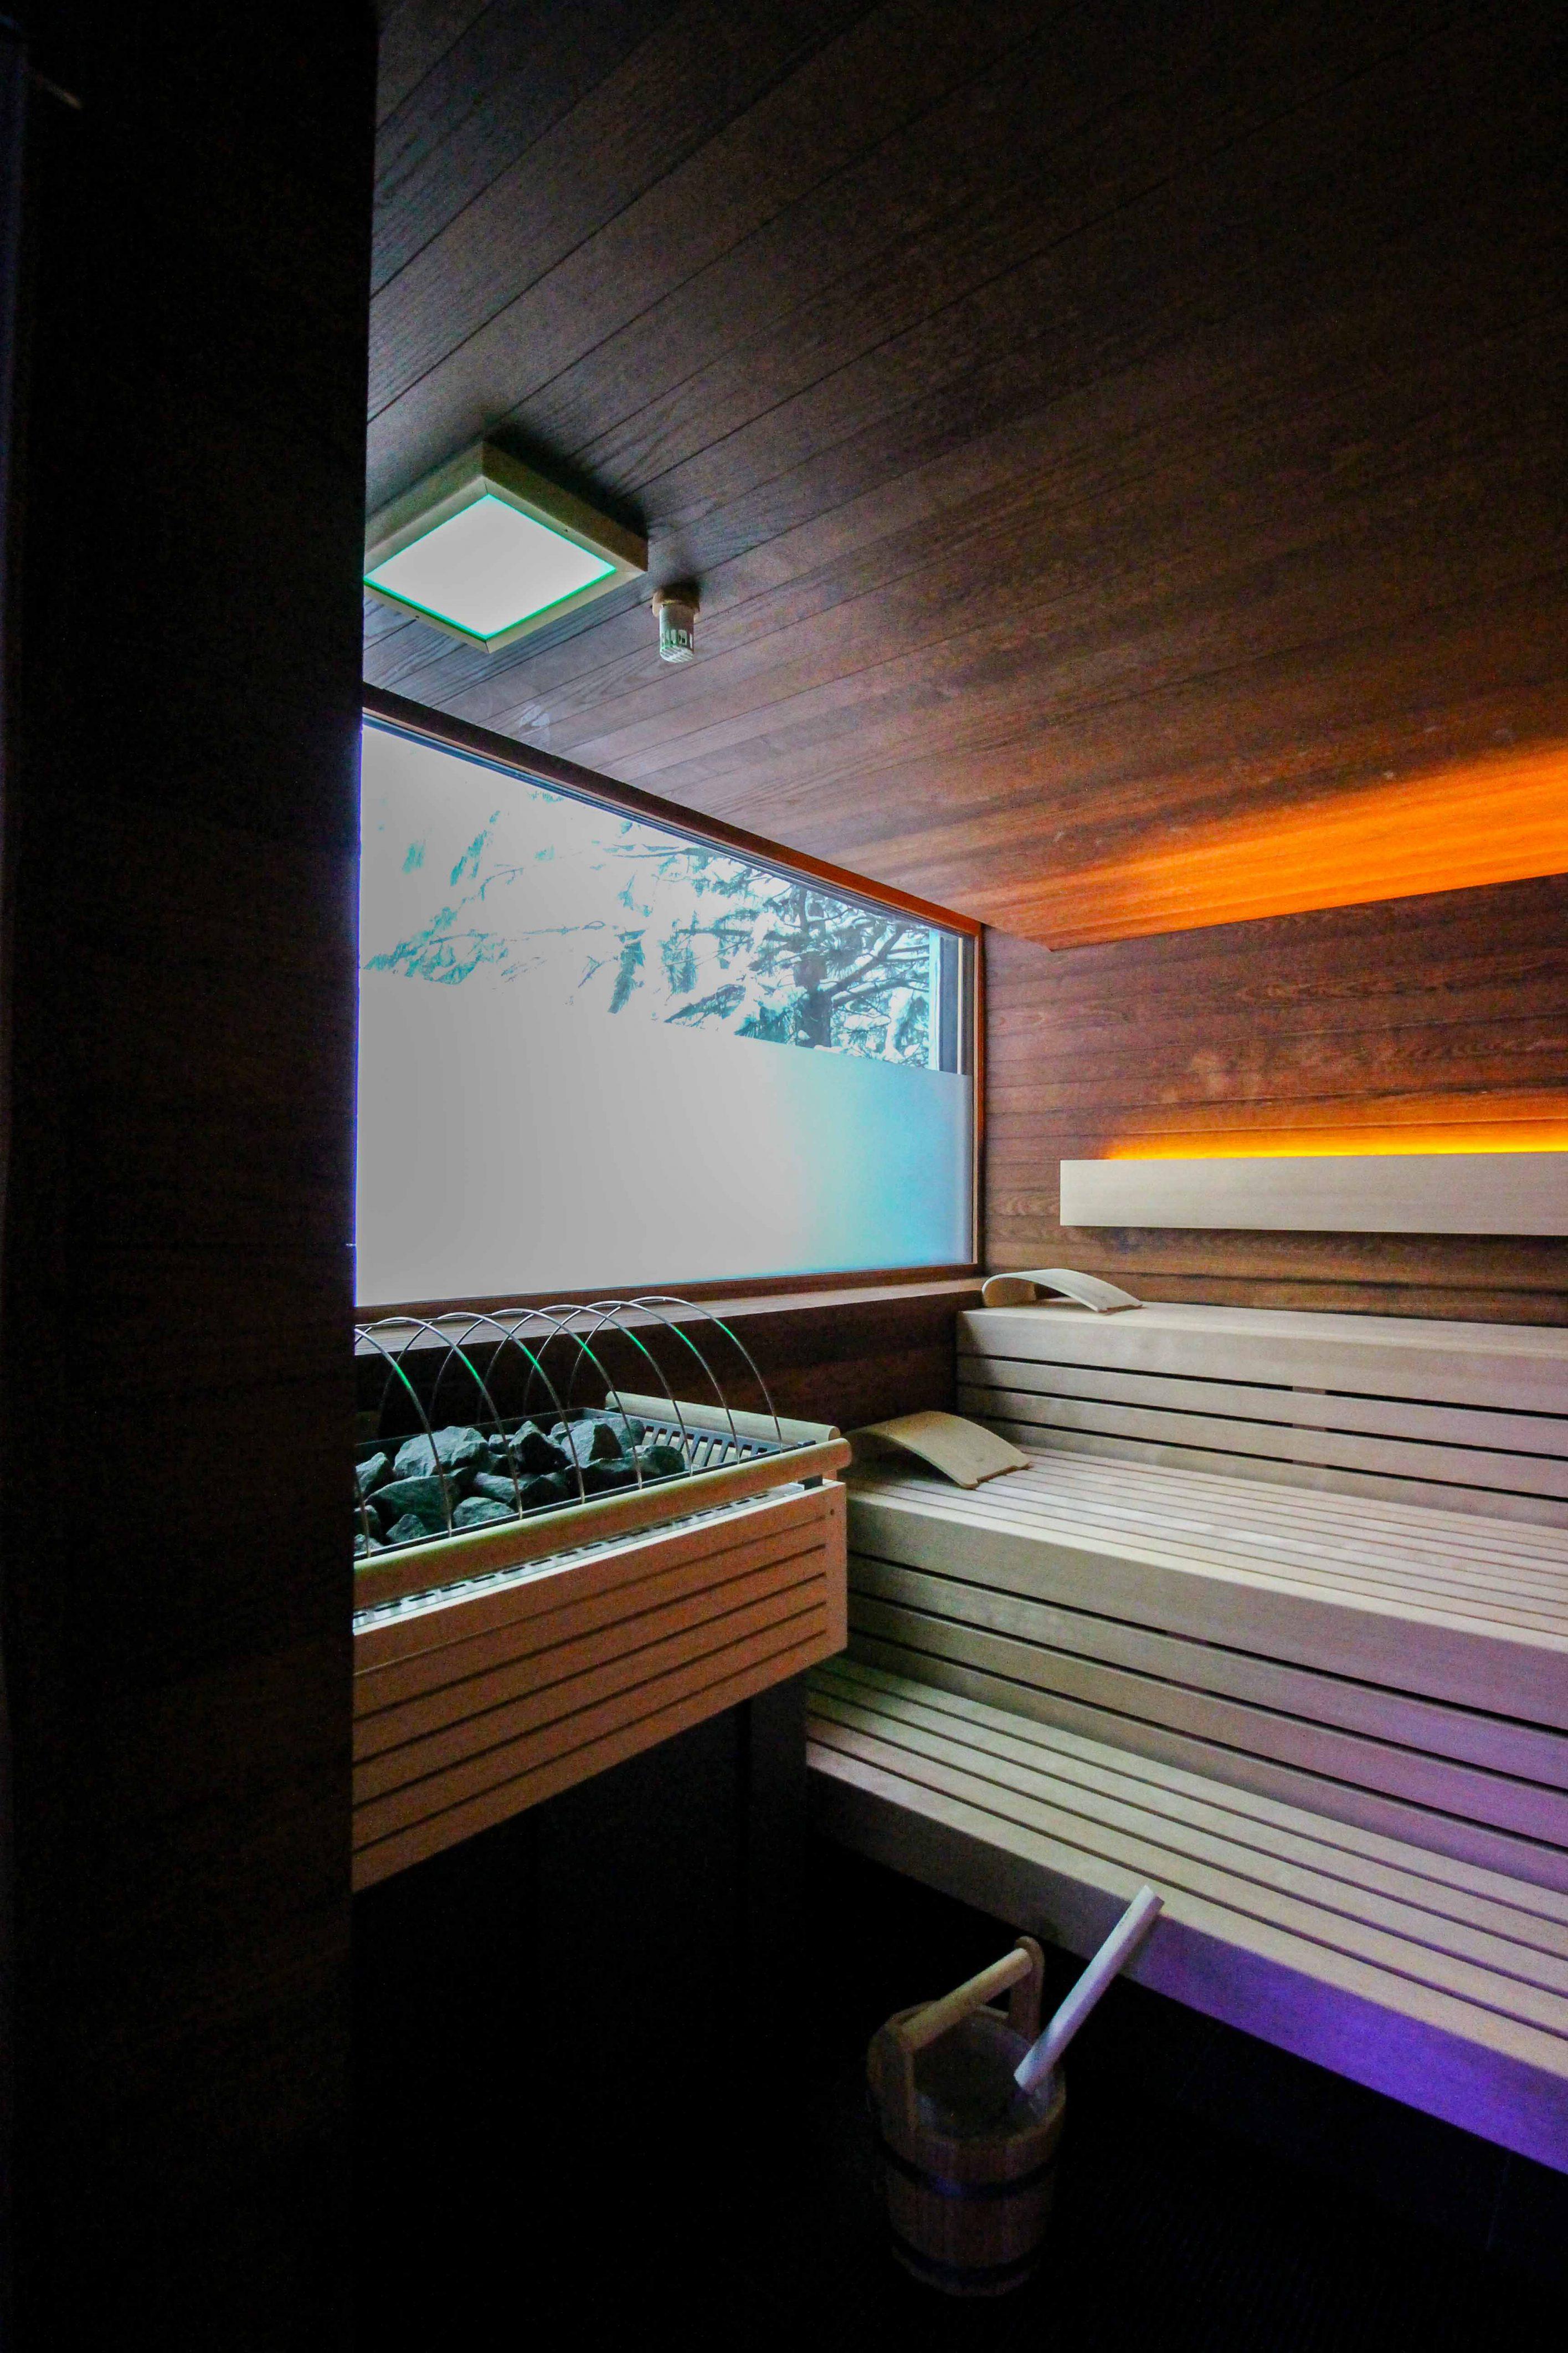 Wellnesswochenende Österreich Sonne Lifestyle Resort Mellau Wellnesshotel Bregenzerwald Wellnessbereich Sauna 90 Grad Reiseblog